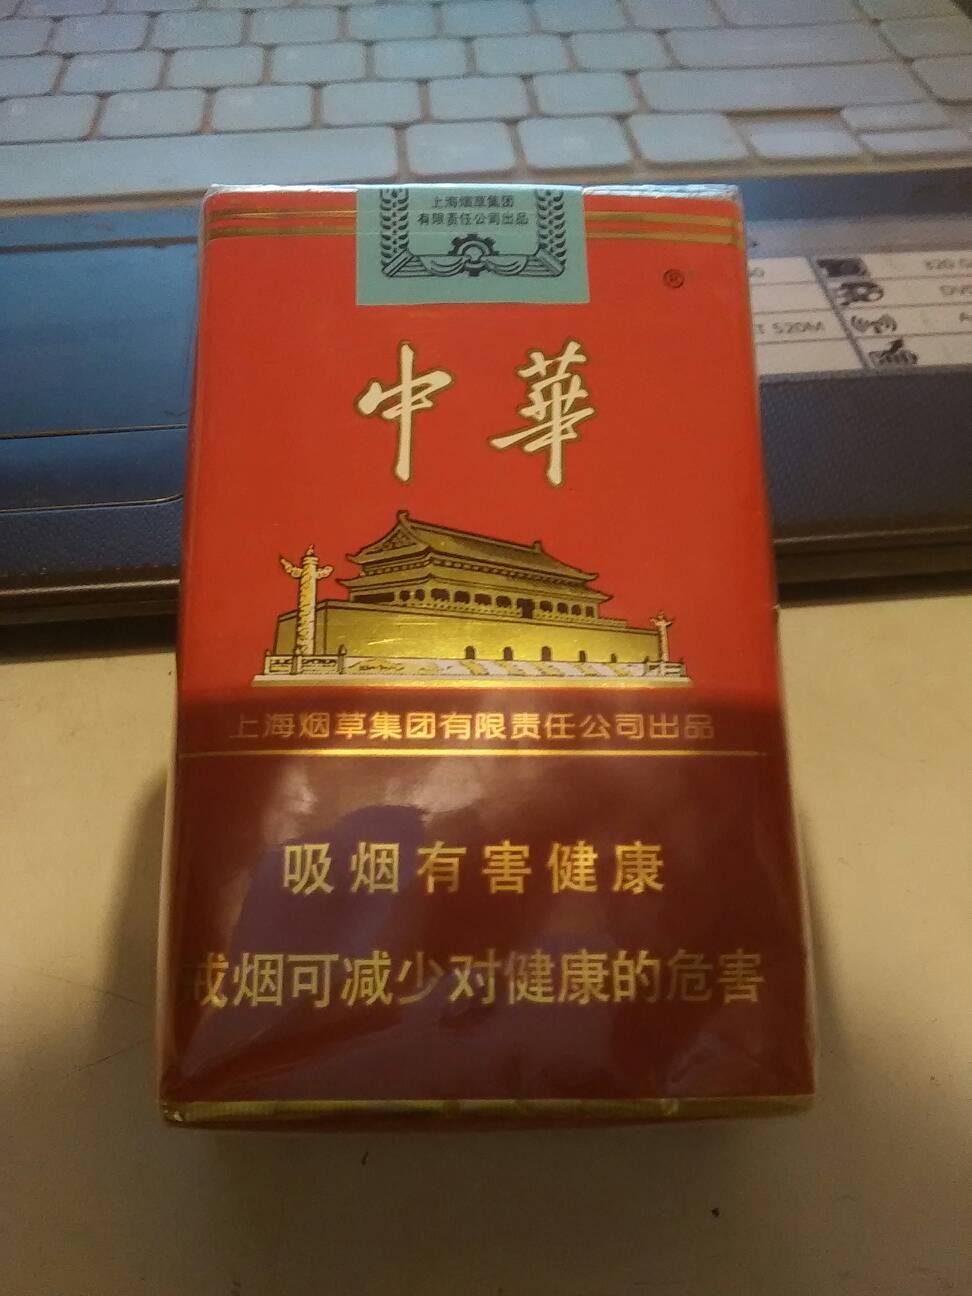 中华1951多少钱一包_这个中华烟 多少钱一包 ?